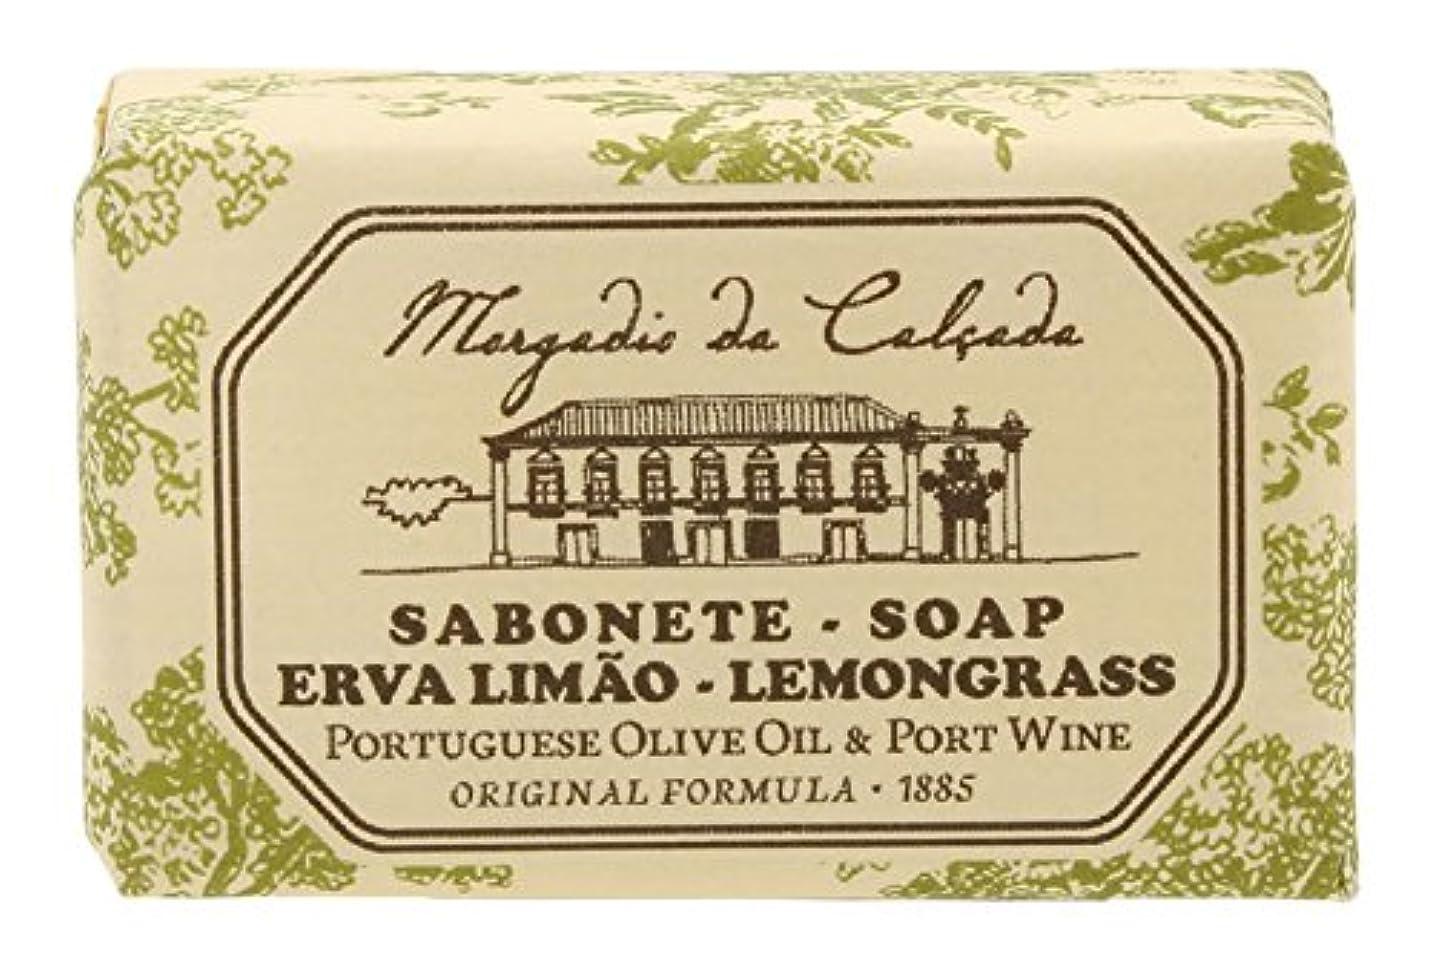 長いですホイットニー増加するモルガディオ ダ カルサダ ソープ レモングラス 35g